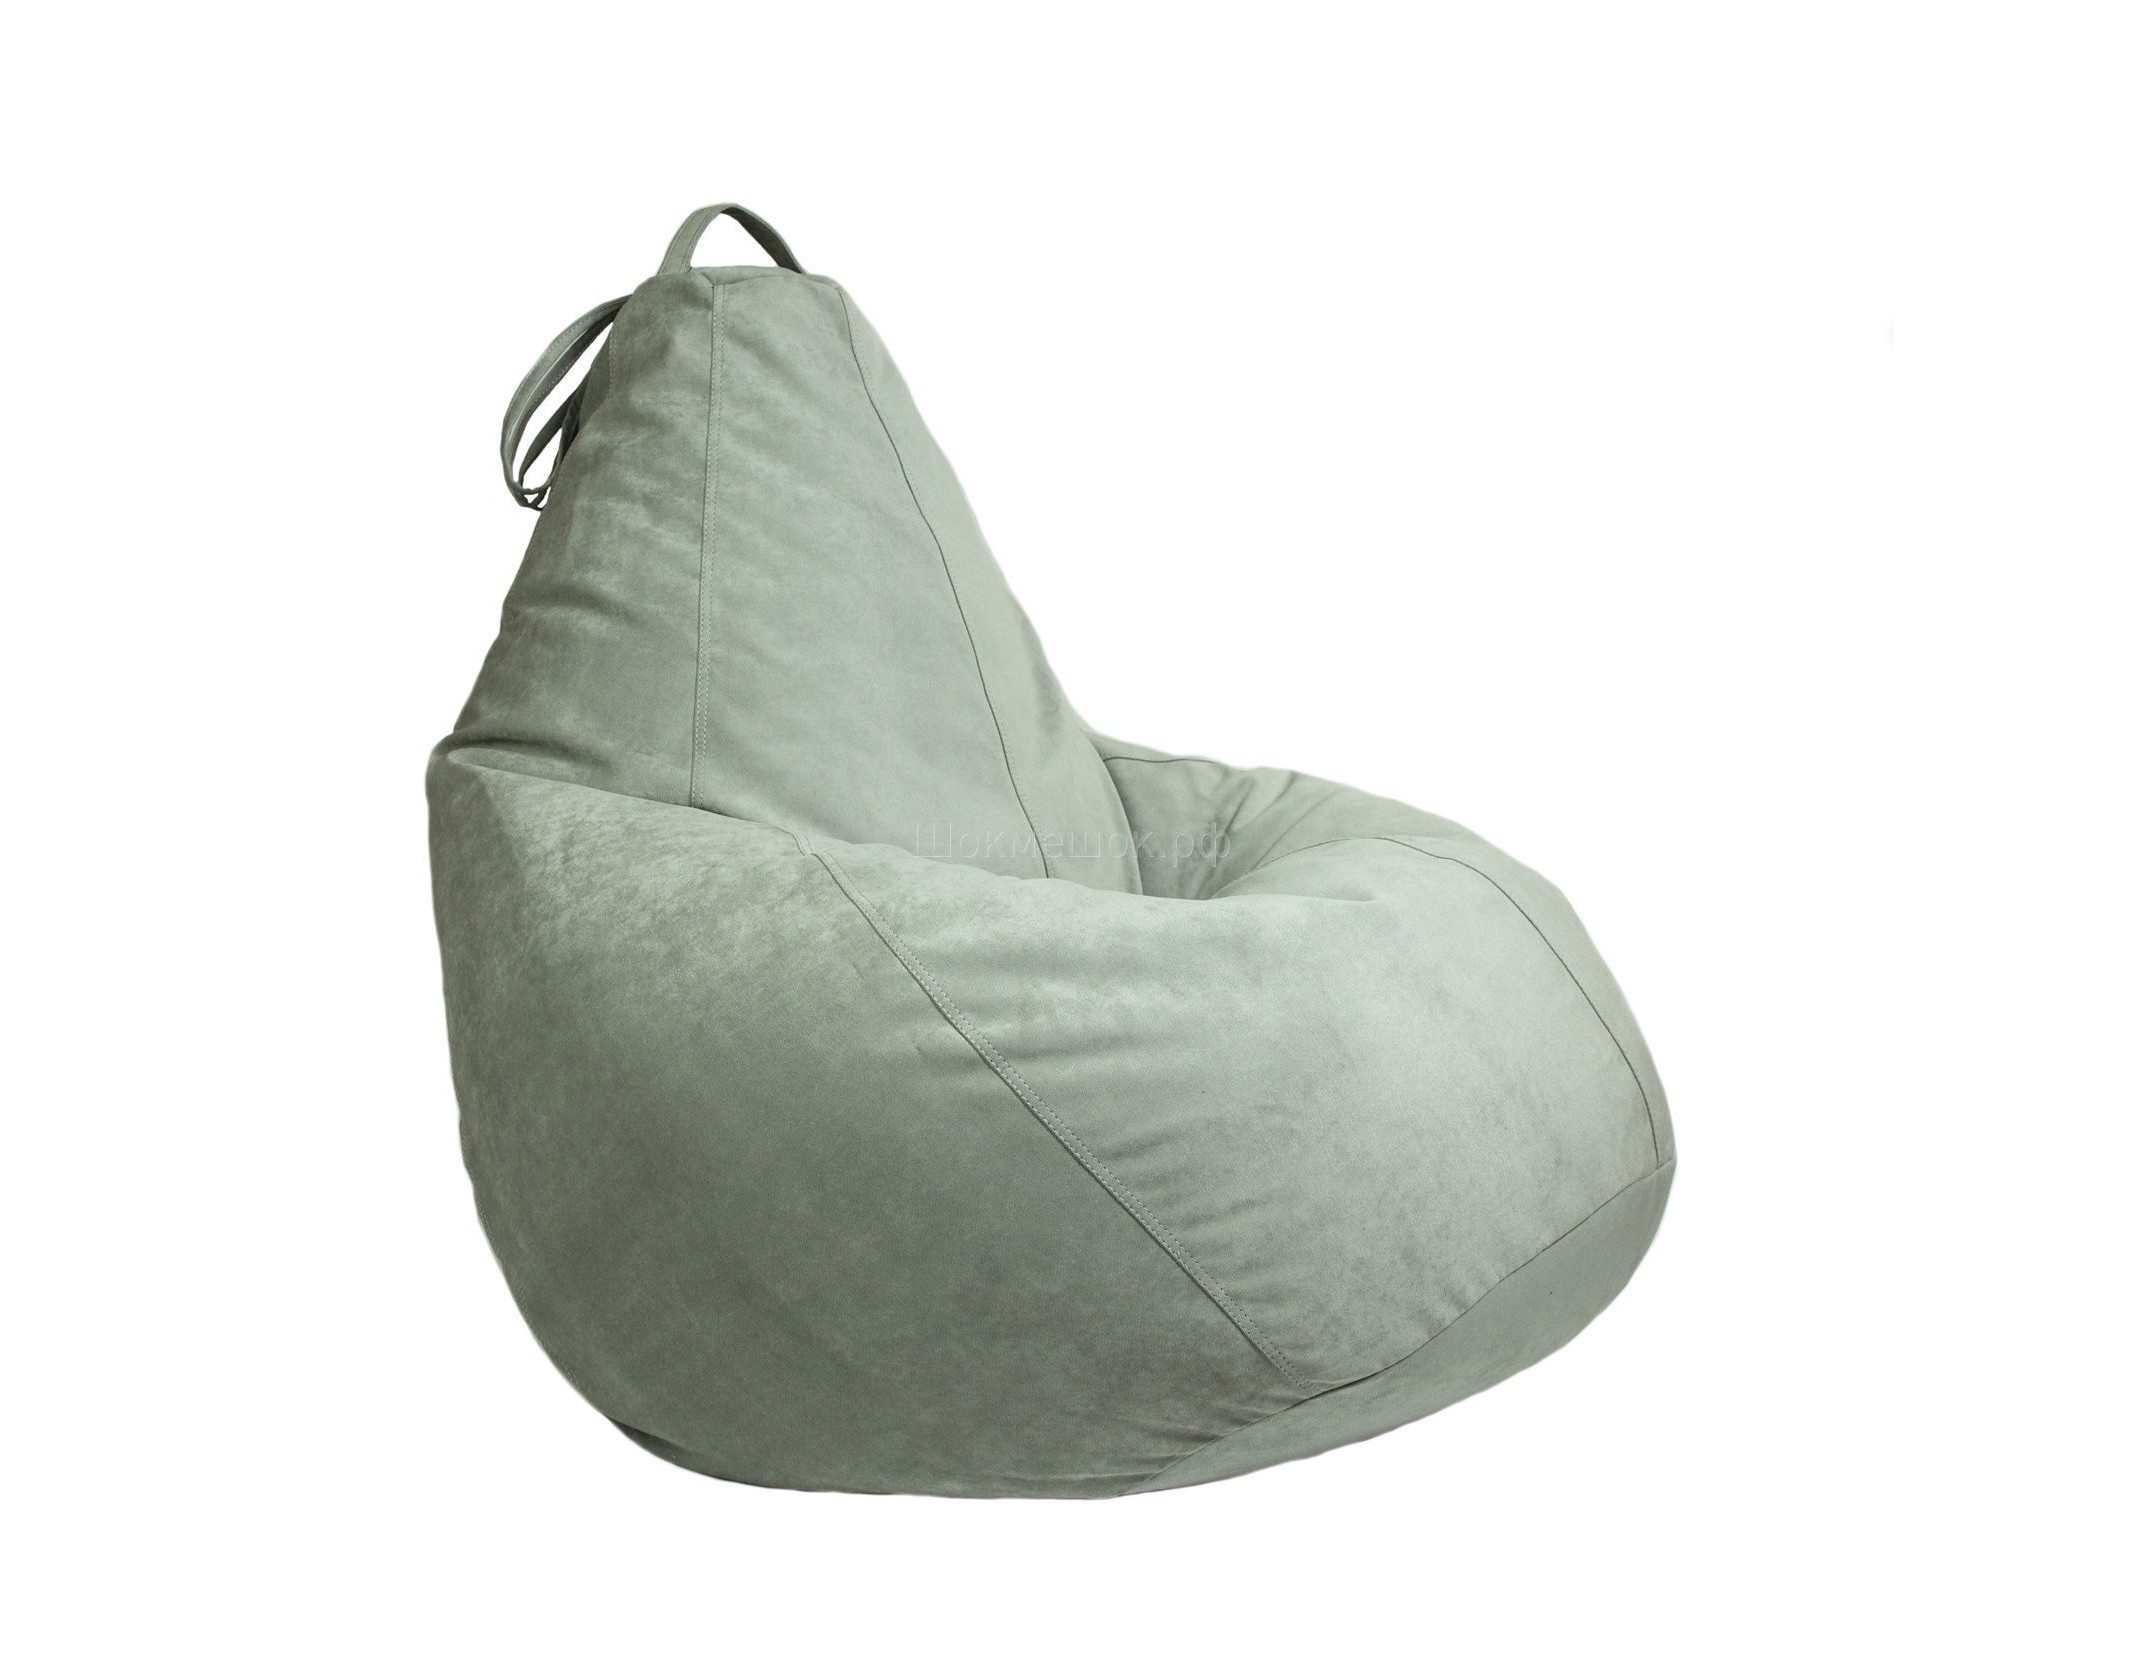 Бескаркасное креслоКресла-мешки<br>Бескаркасное кресло-мешок Boss - это кресло большого размера, которое хорошо поддерживает спину и плечи. Это делает кресло удобным для отдыха. Ткань - микровелюр с коротким ворсом.&amp;amp;nbsp;<br><br>Material: Велюр, атлас<br>Ширина см: 95<br>Высота см: 150<br>Глубина см: 95